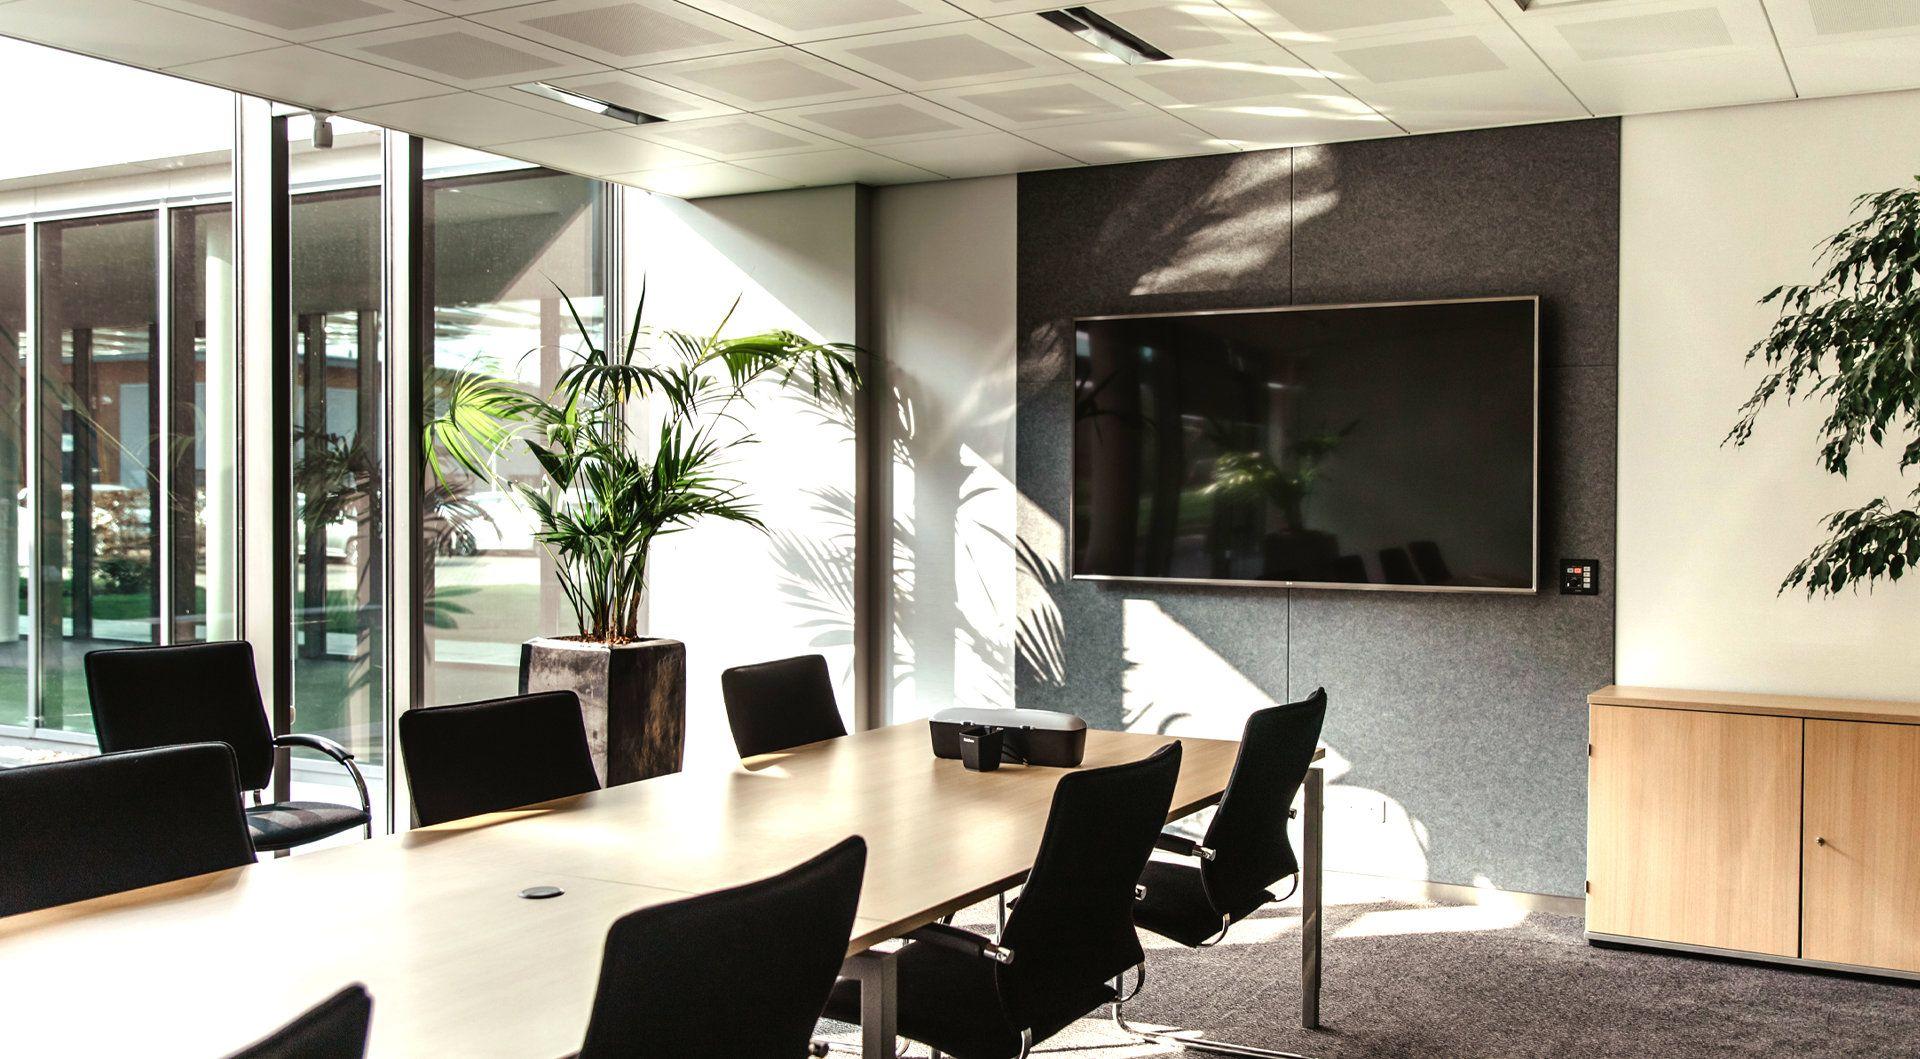 """Conen Mounts SCETAPL flat panel vloer standaard 2,54 m (100"""") Vaste flatscreen vloerstandaard Aluminium, Zwart - Case studie de vries"""